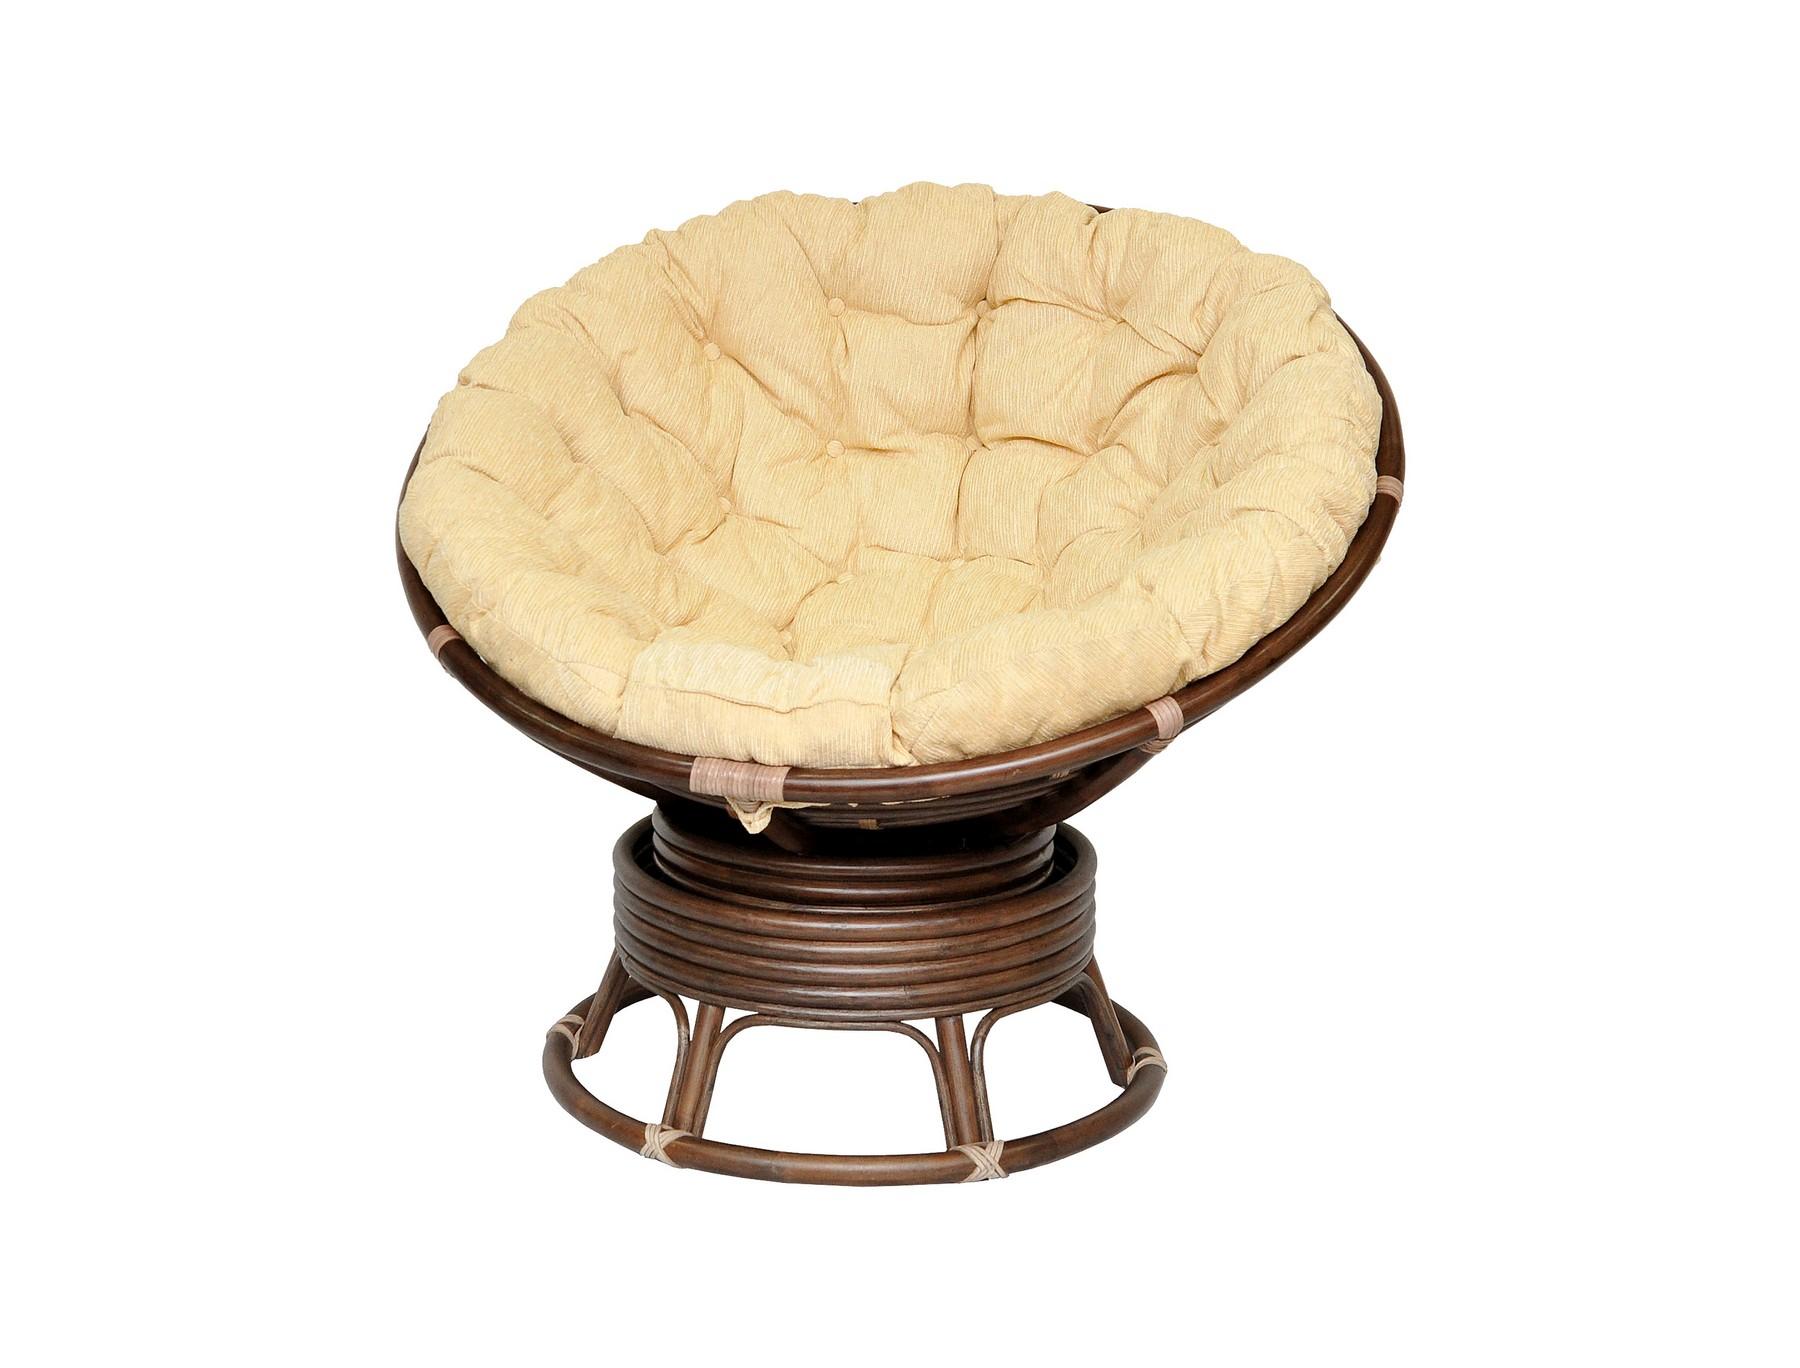 Кресло механическое Papasan MatteКресла для сада<br>В кресло встроен специальный механизм с пружинами. Благодаря ему вы можете равномерно покачиваться и поворачиваться не вставая с кресла. Кресло Папасан выдерживает большой вес, оставаясь при этом легким и прочным. Кресло Папасан идеально подходит при кормлении ребенка.&amp;amp;nbsp;&amp;lt;div&amp;gt;&amp;lt;br&amp;gt;&amp;lt;/div&amp;gt;&amp;lt;div&amp;gt;Цвет: коричневый, матовый&amp;lt;/div&amp;gt;&amp;lt;div&amp;gt;Материал подушки: шенилл&amp;lt;/div&amp;gt;&amp;lt;div&amp;gt;Вес, кг:  18&amp;lt;/div&amp;gt;&amp;lt;div&amp;gt;Особенности: сборно-разборное, качается и вращается на 360 градусов, оплетка – кожа, матовое покрытие&amp;lt;/div&amp;gt;&amp;lt;div&amp;gt;Выдерживаемая нагрузка, кг:  120&amp;lt;/div&amp;gt;<br><br>Material: Ротанг<br>Ширина см: 115<br>Высота см: 95<br>Глубина см: 101